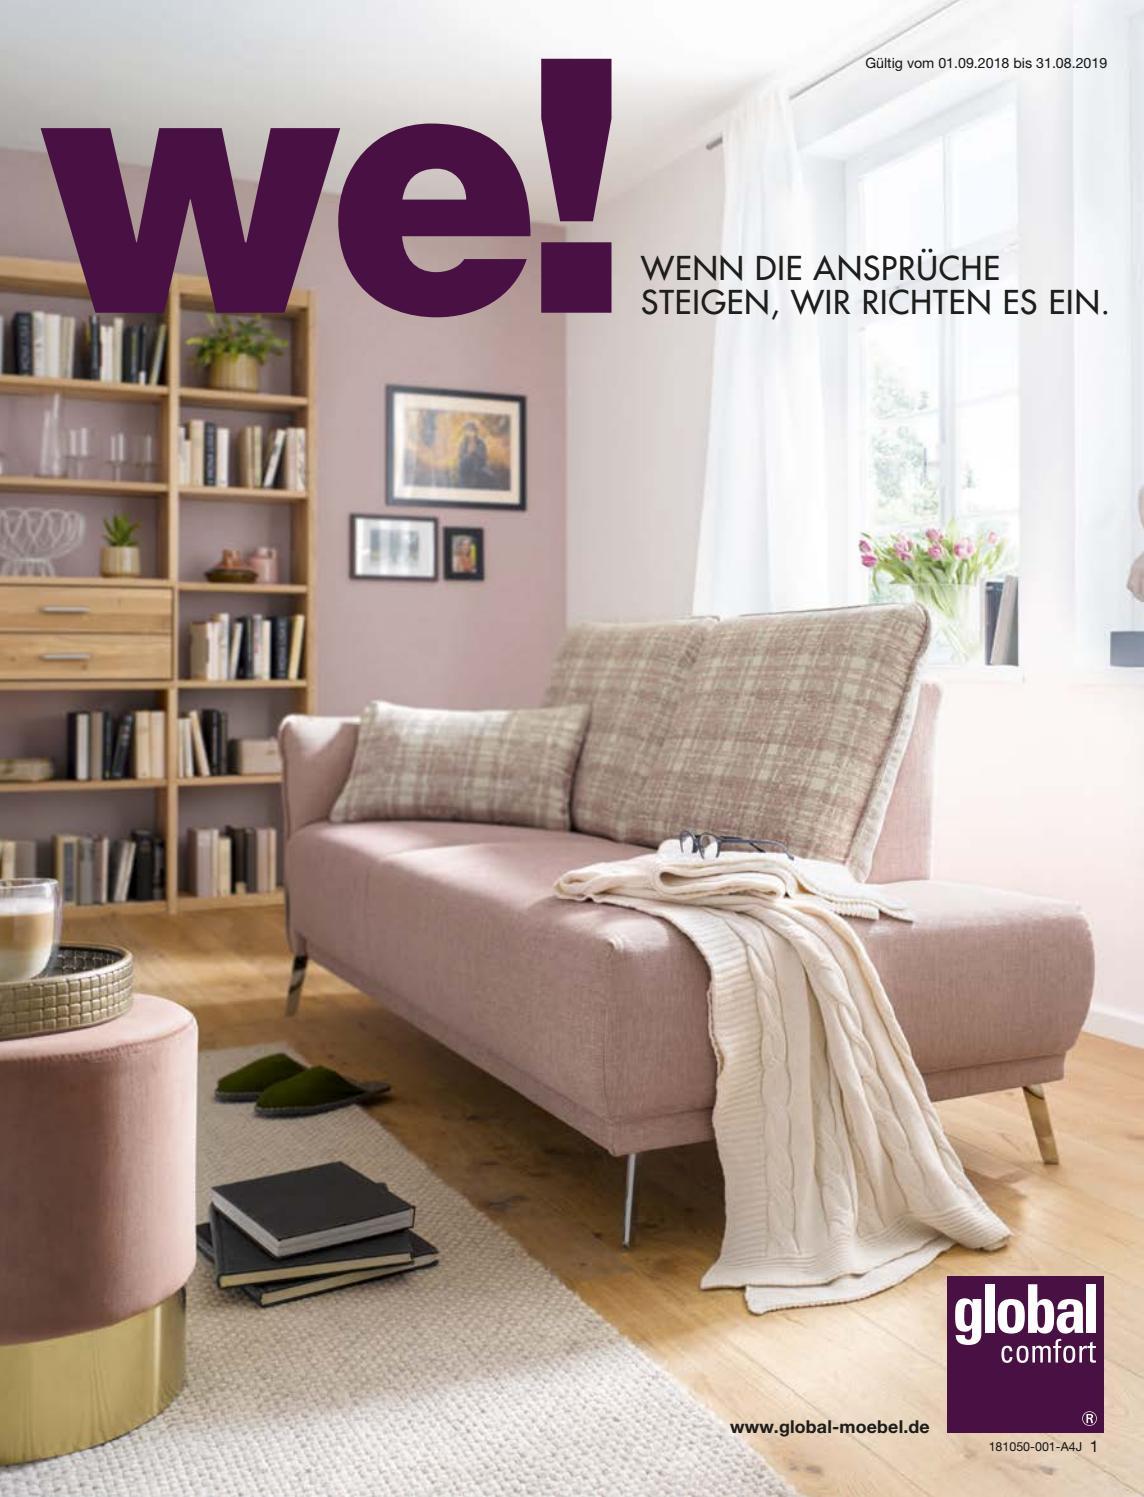 platzsparend ideen couch relax, global comfort by europa möbel-verbund gmbh - issuu, Innenarchitektur